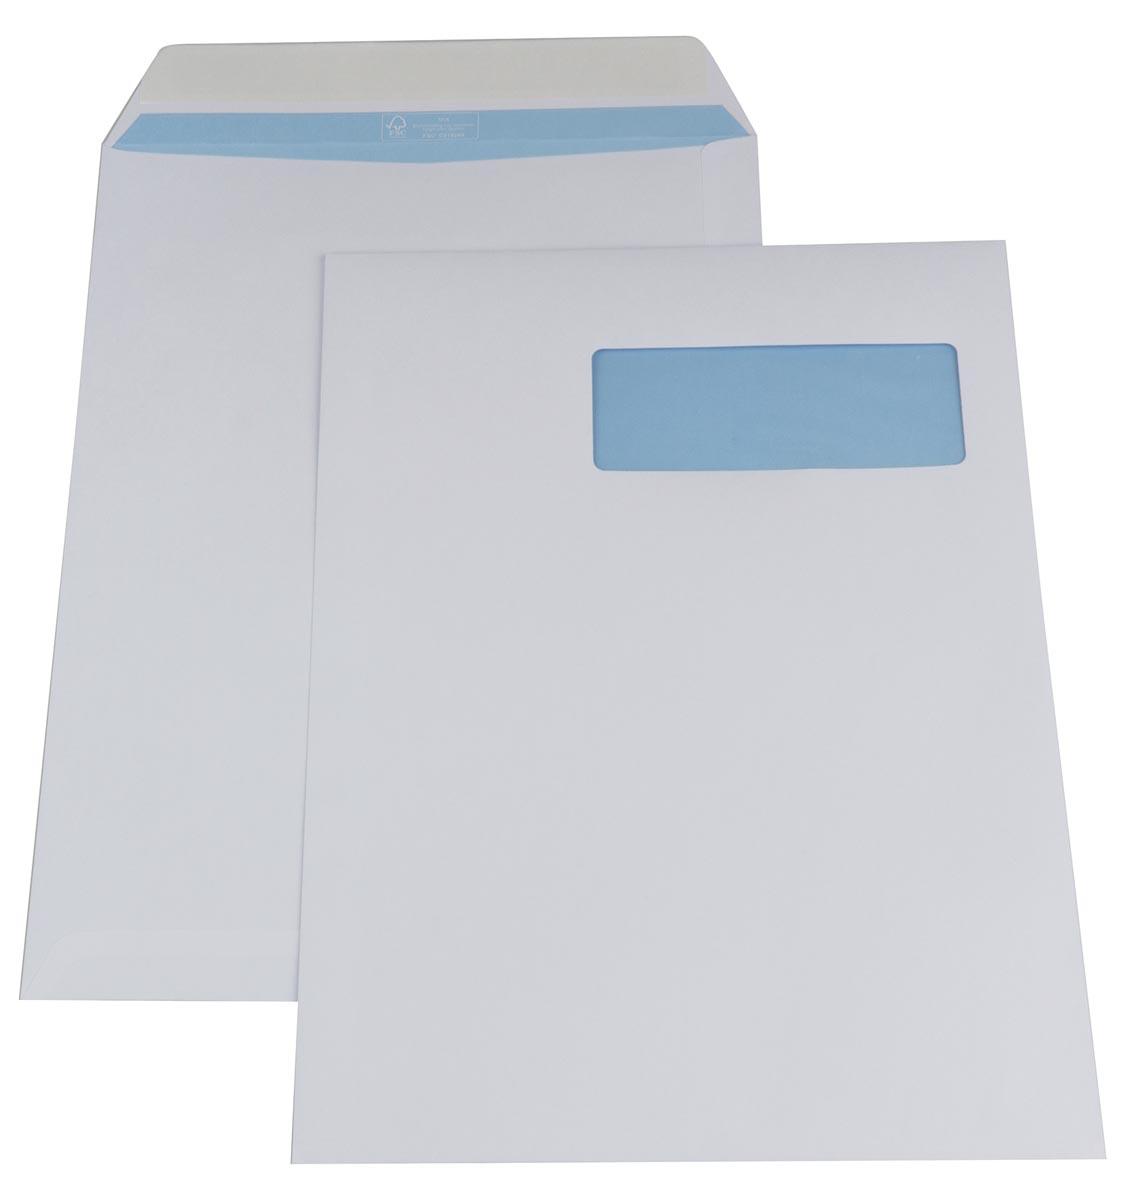 Gallery enveloppen ft 230 x 310 mm, venster rechts, stripsluiting, binnenzijde blauw, doos van 250 s